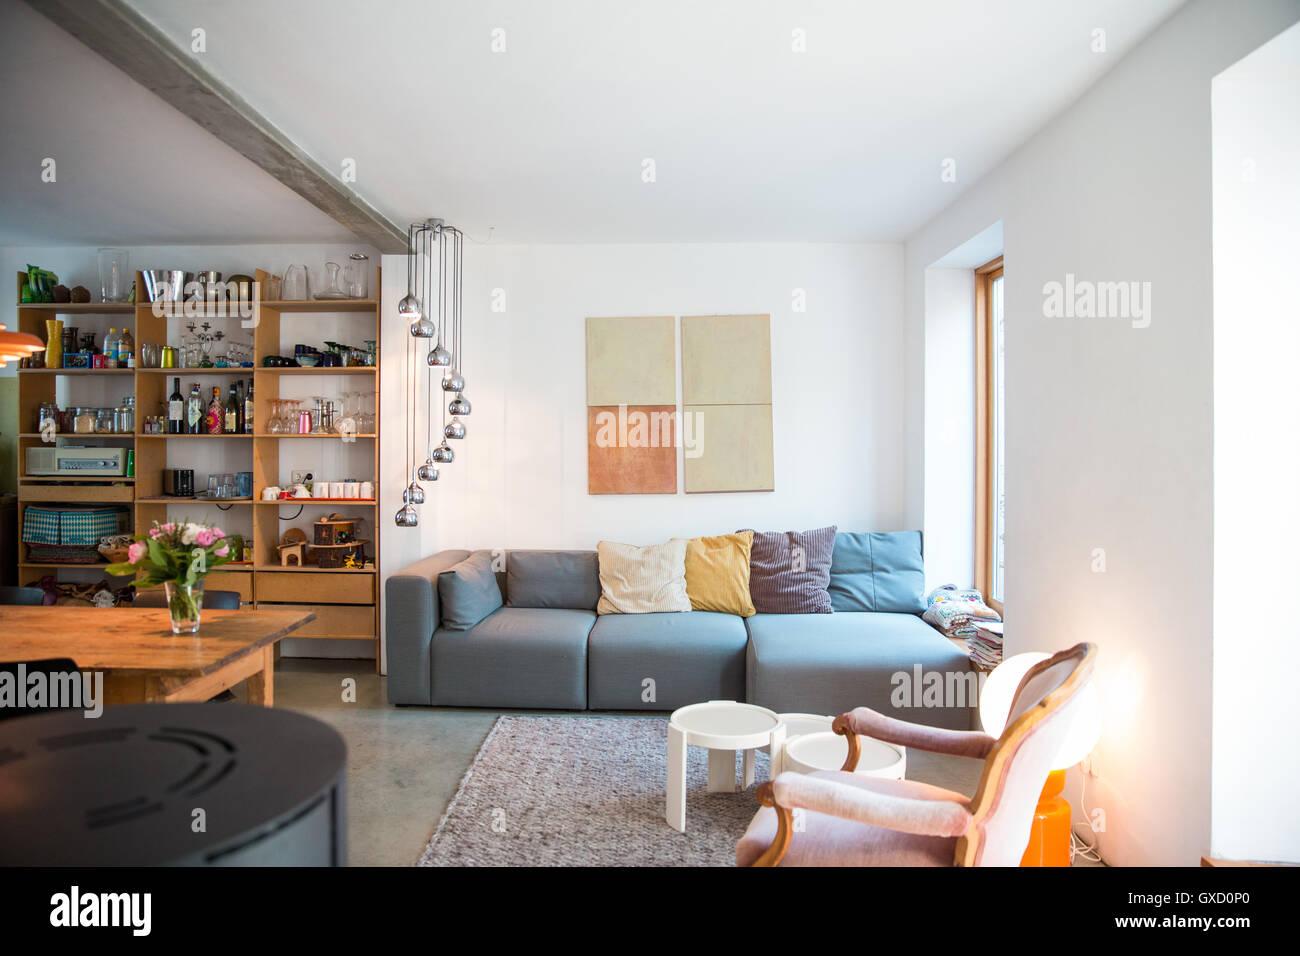 Salón en casa moderna Imagen De Stock